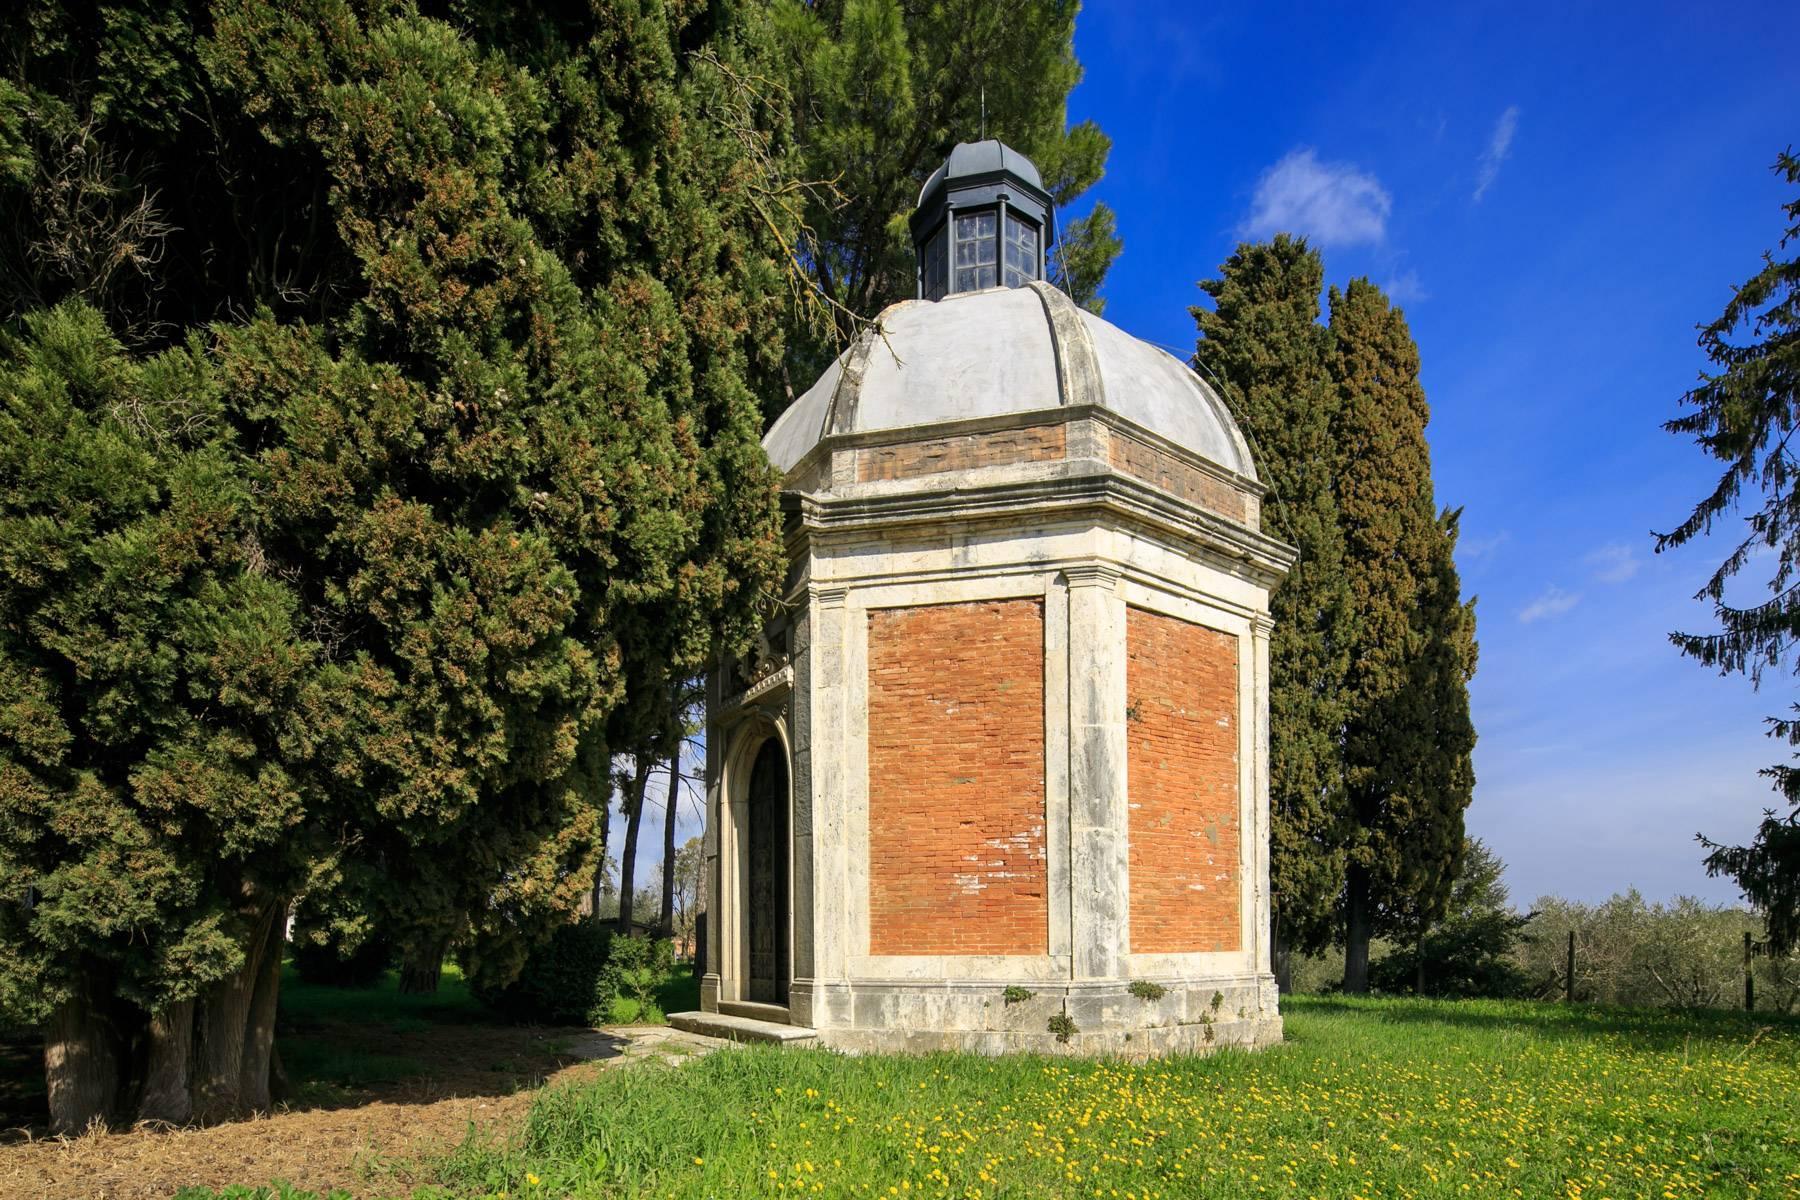 Prächtige historische Villa mit neoklassizistischer Kapelle und Park - 20